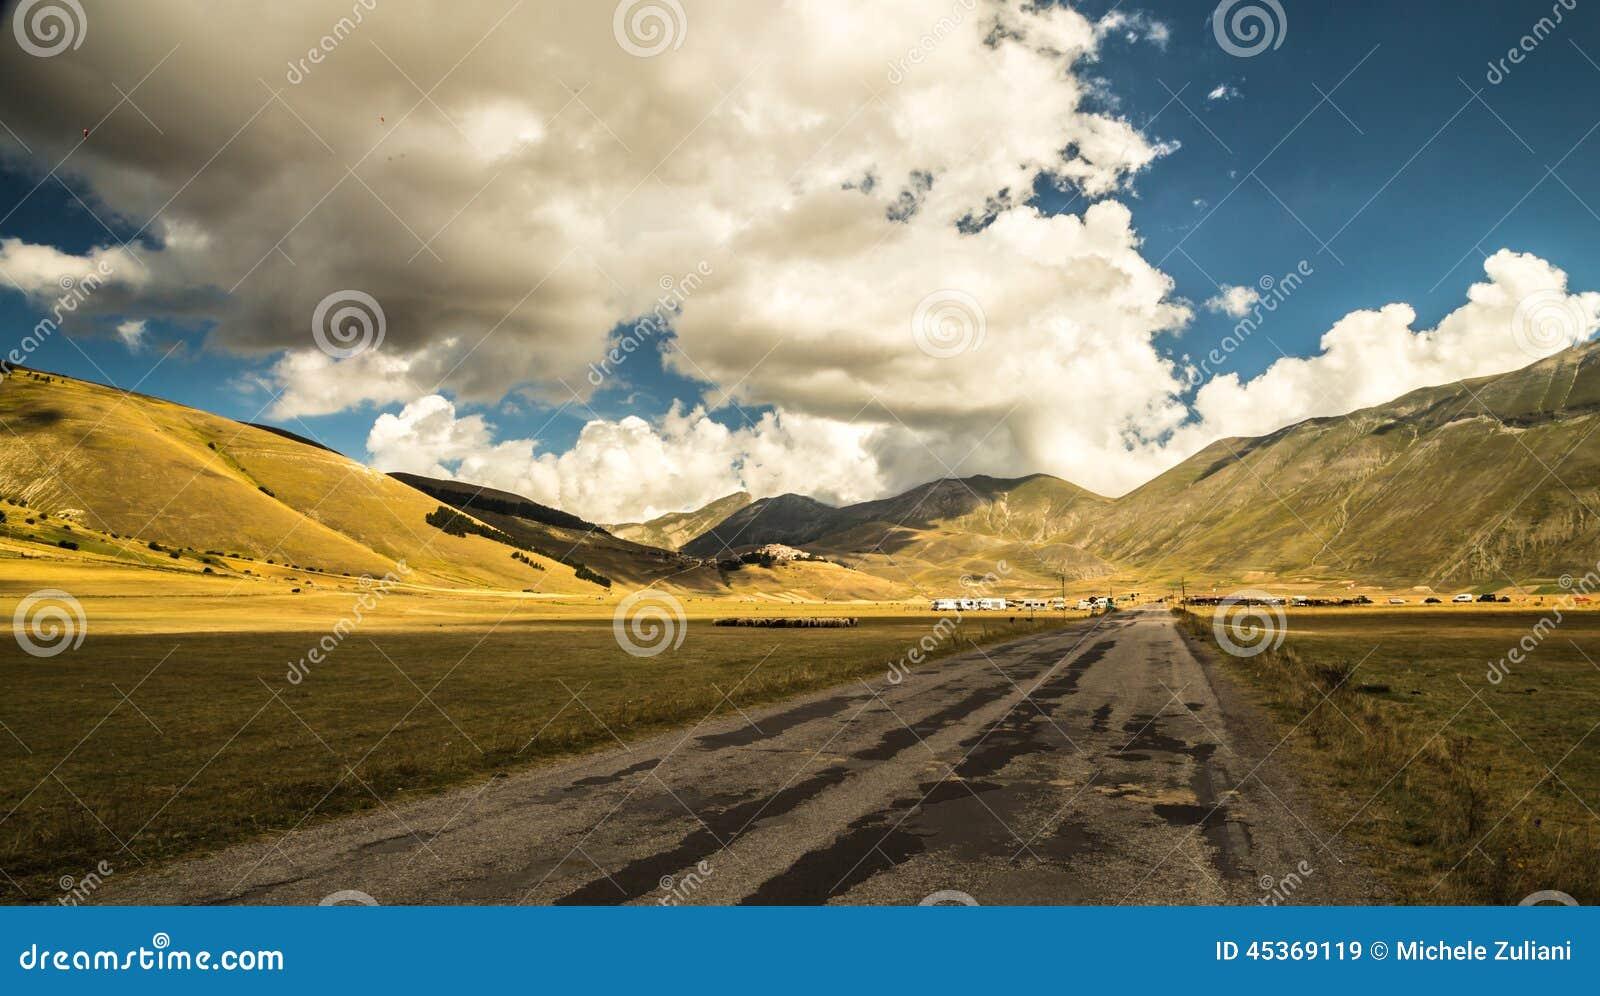 Nuages dans le ciel sur la route à Castelluccio, Italie